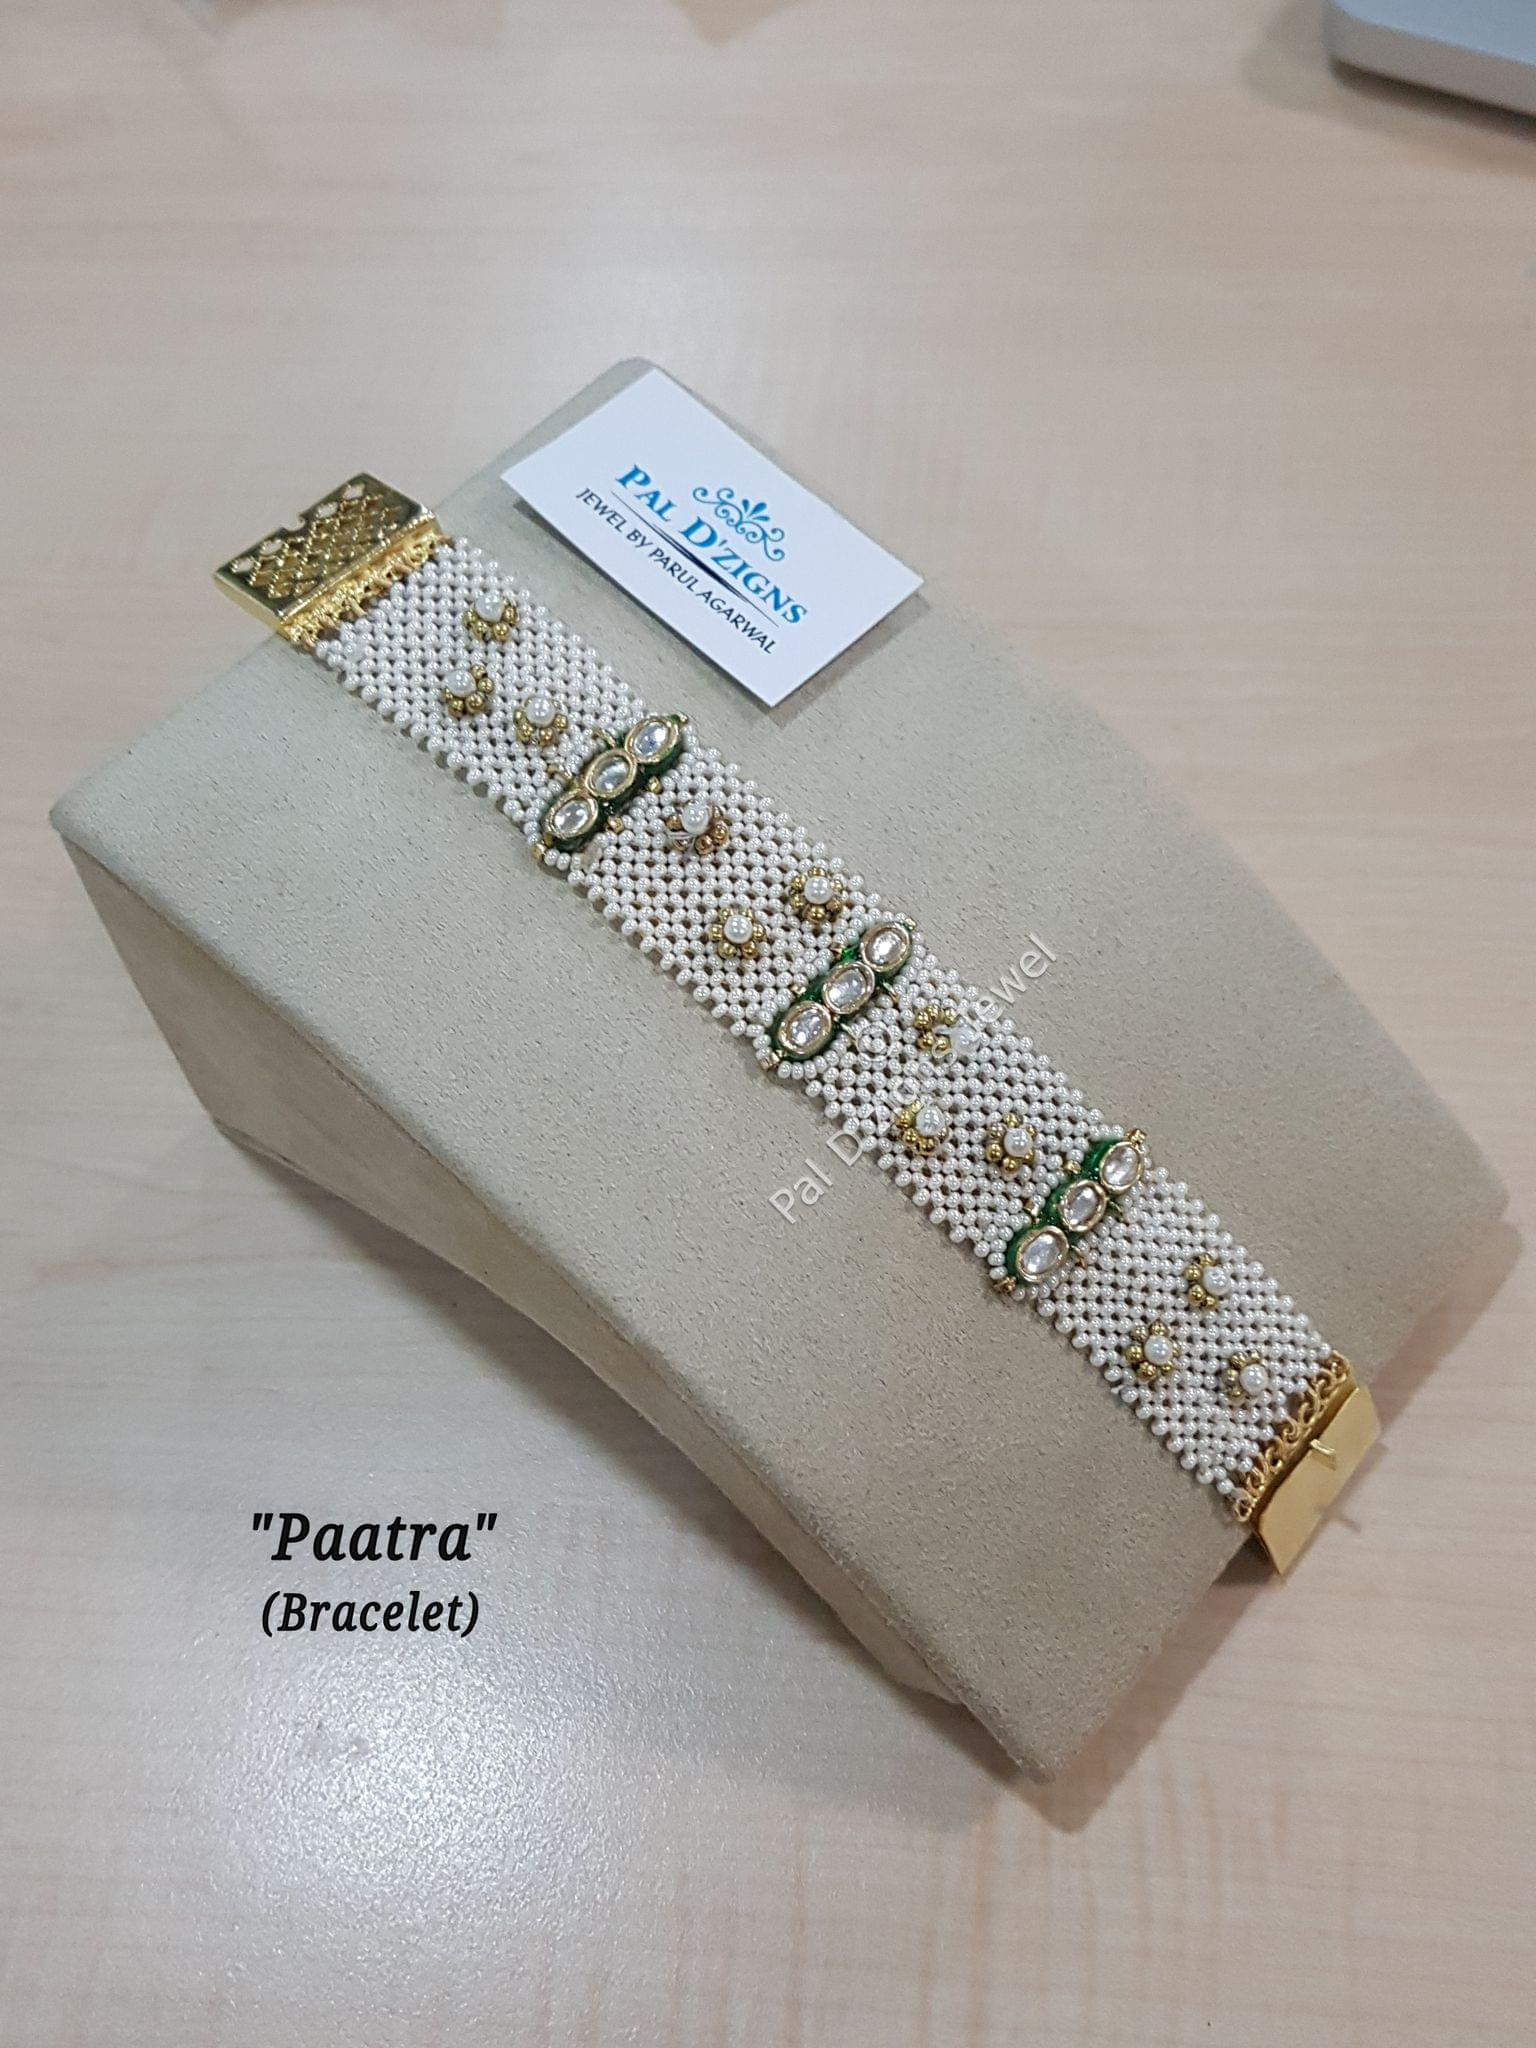 Paatra Bracelet